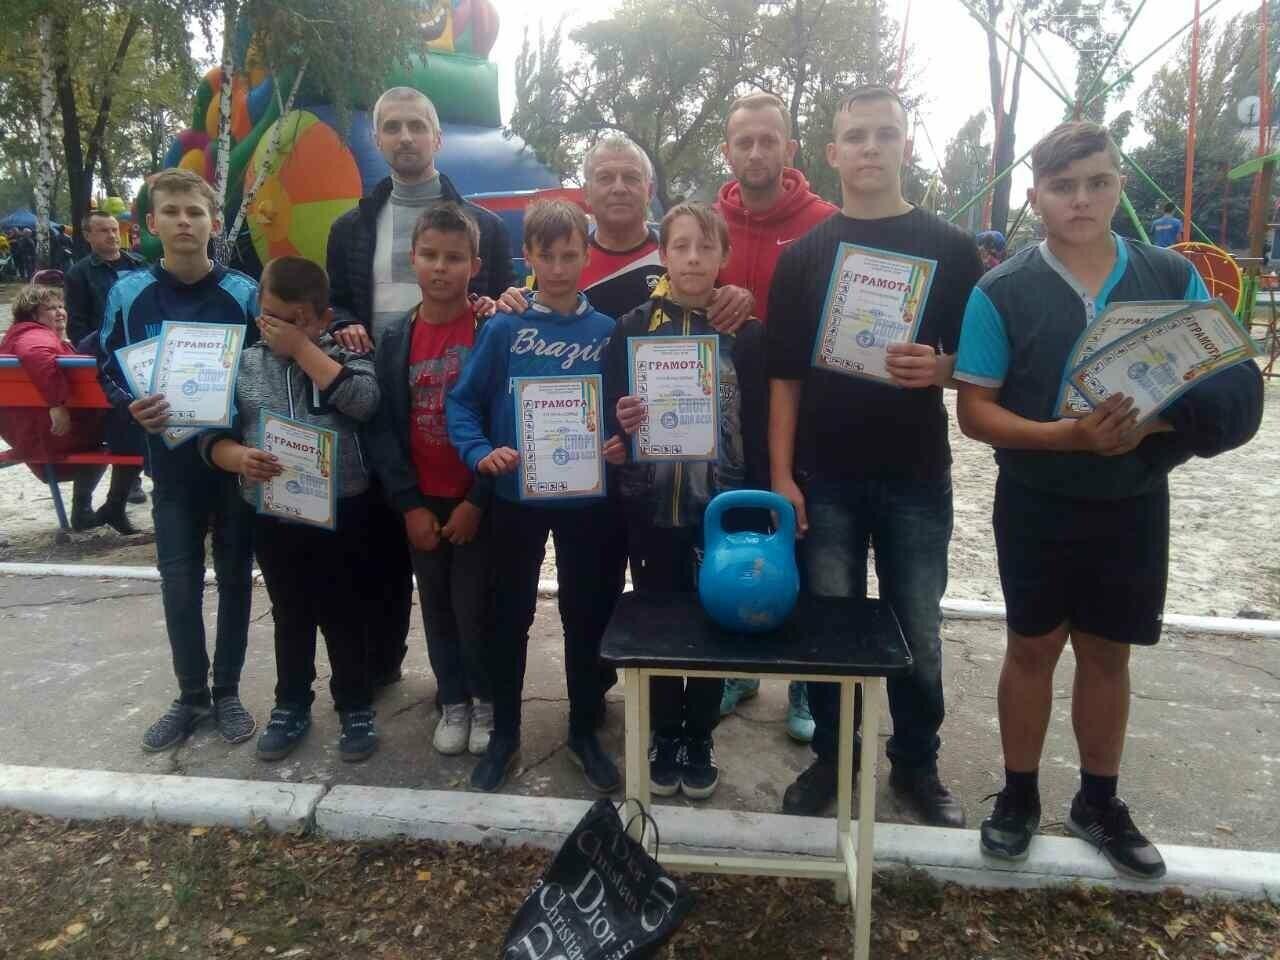 У селищі Шевченко пройшли змагання  з армспорту, гирьового спорту та перетягування канату, фото-4